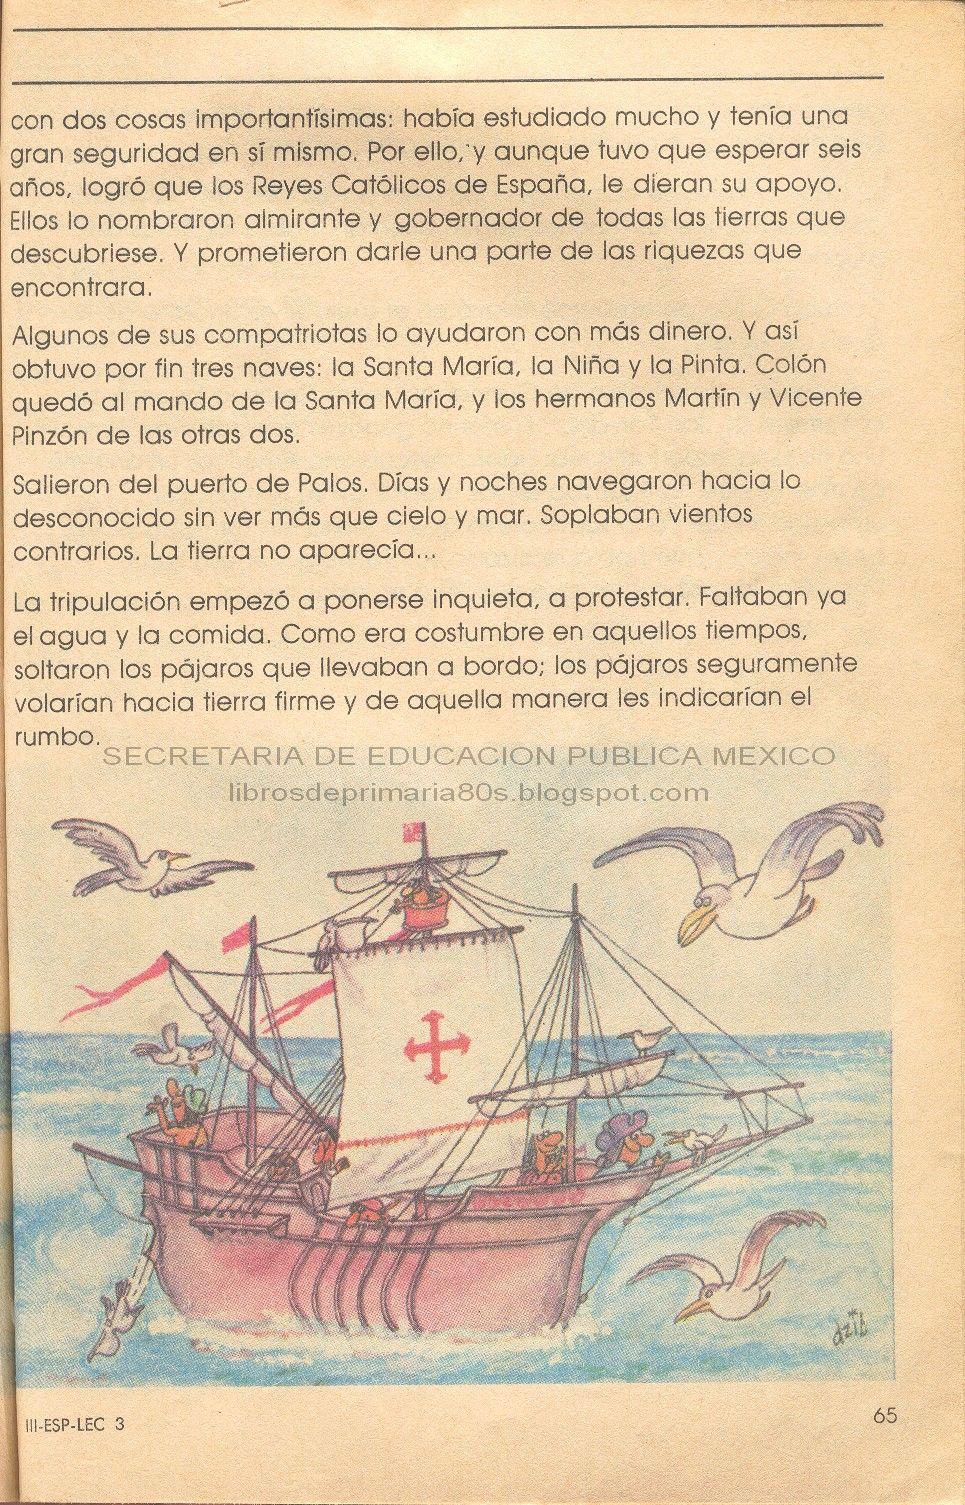 Libros de Primaria de los 80's: Cristóbal Colón - Español